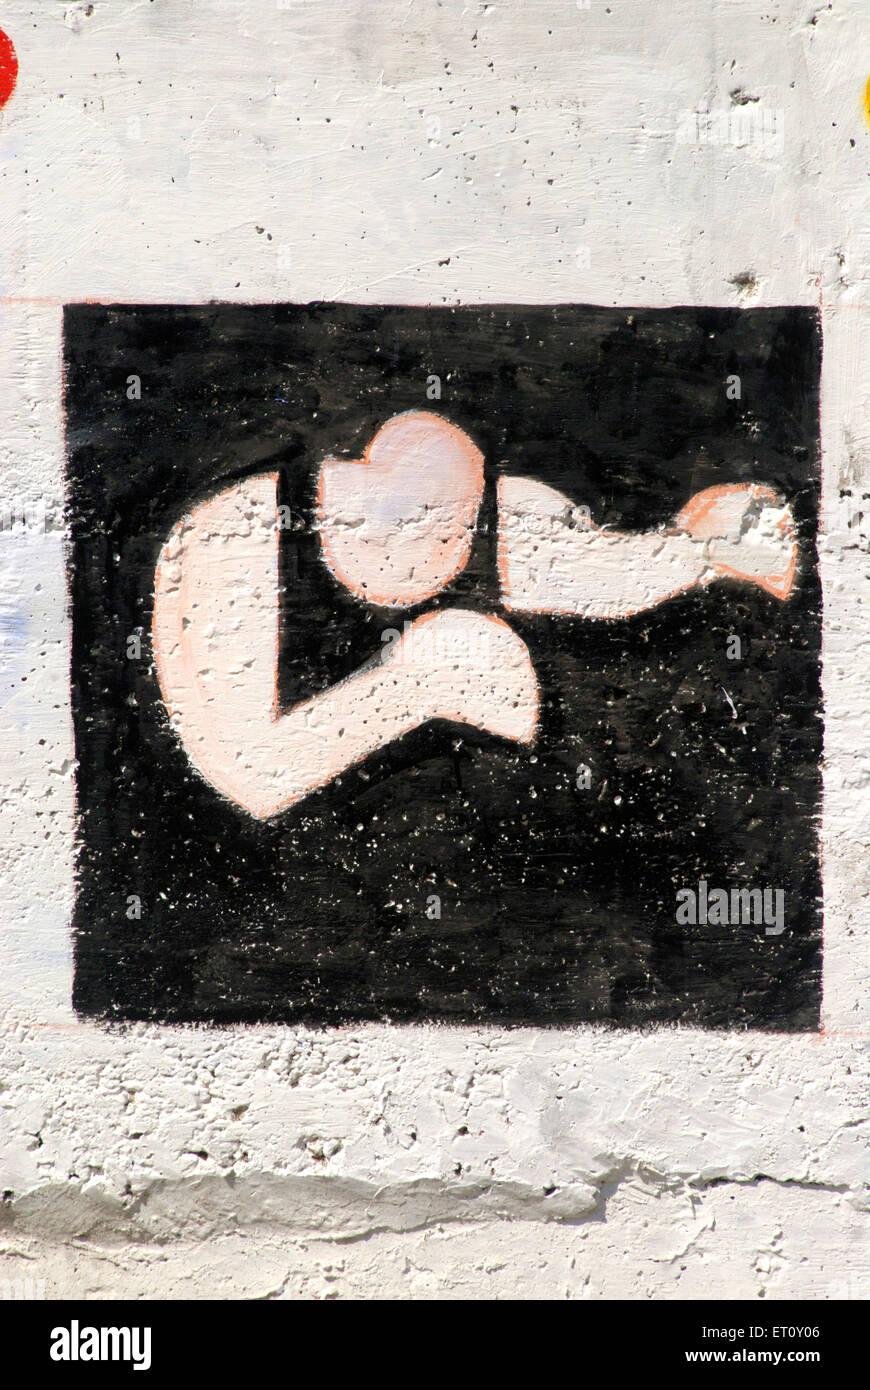 Boxeo el pictograma de III Juego de la Juventud del Commonwealth pintado en la pared de Rajiv Gandhi Zoological Imagen De Stock